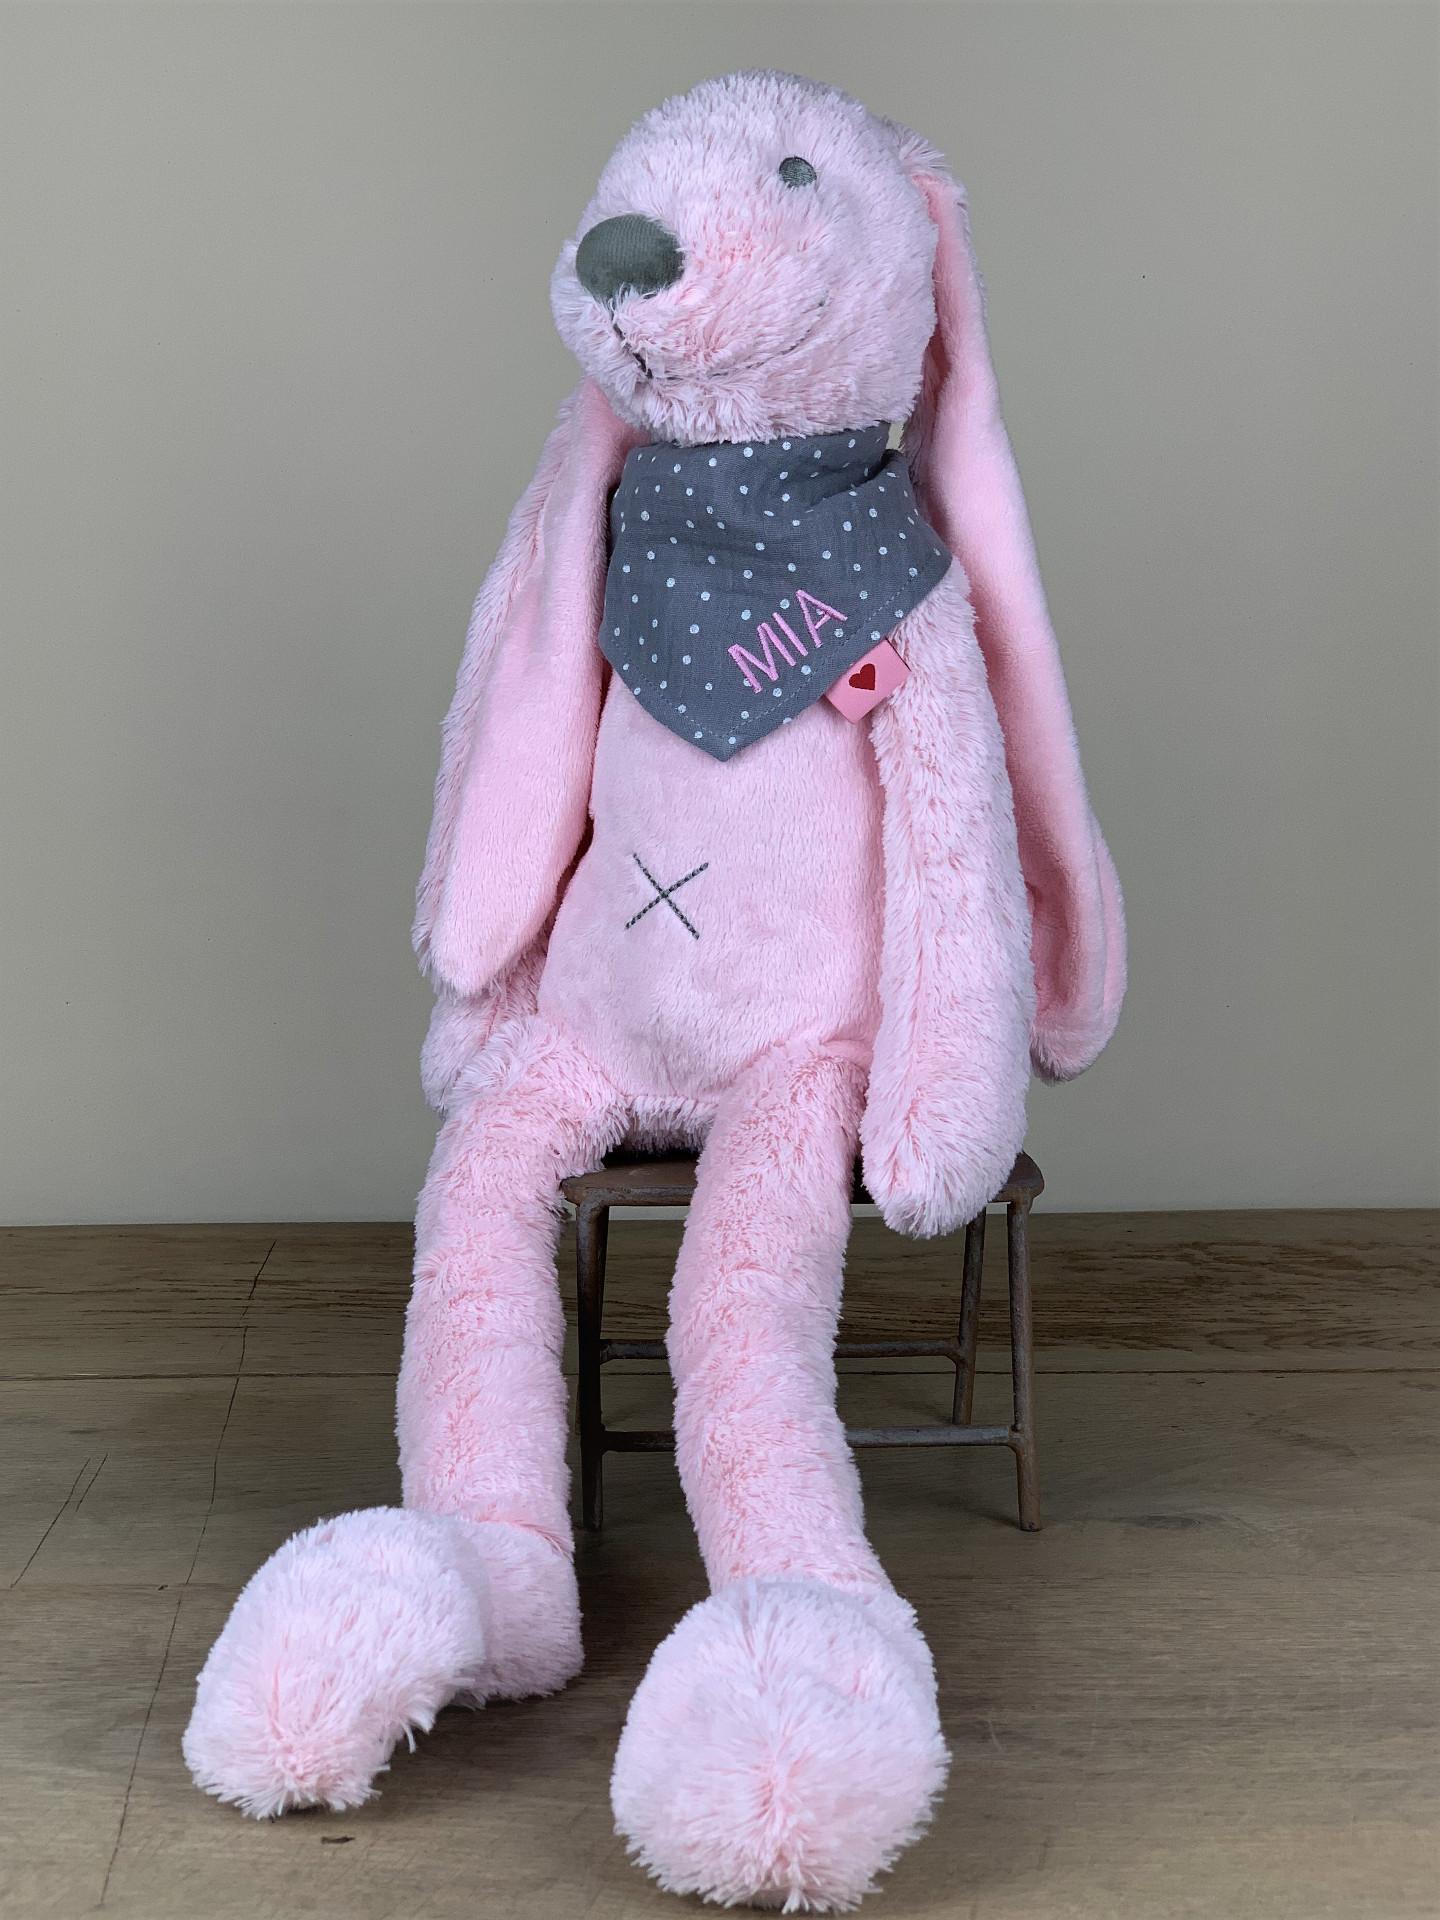 Kuschelhase XL mit Tuch flauschig rosa/grau tupf No. 18